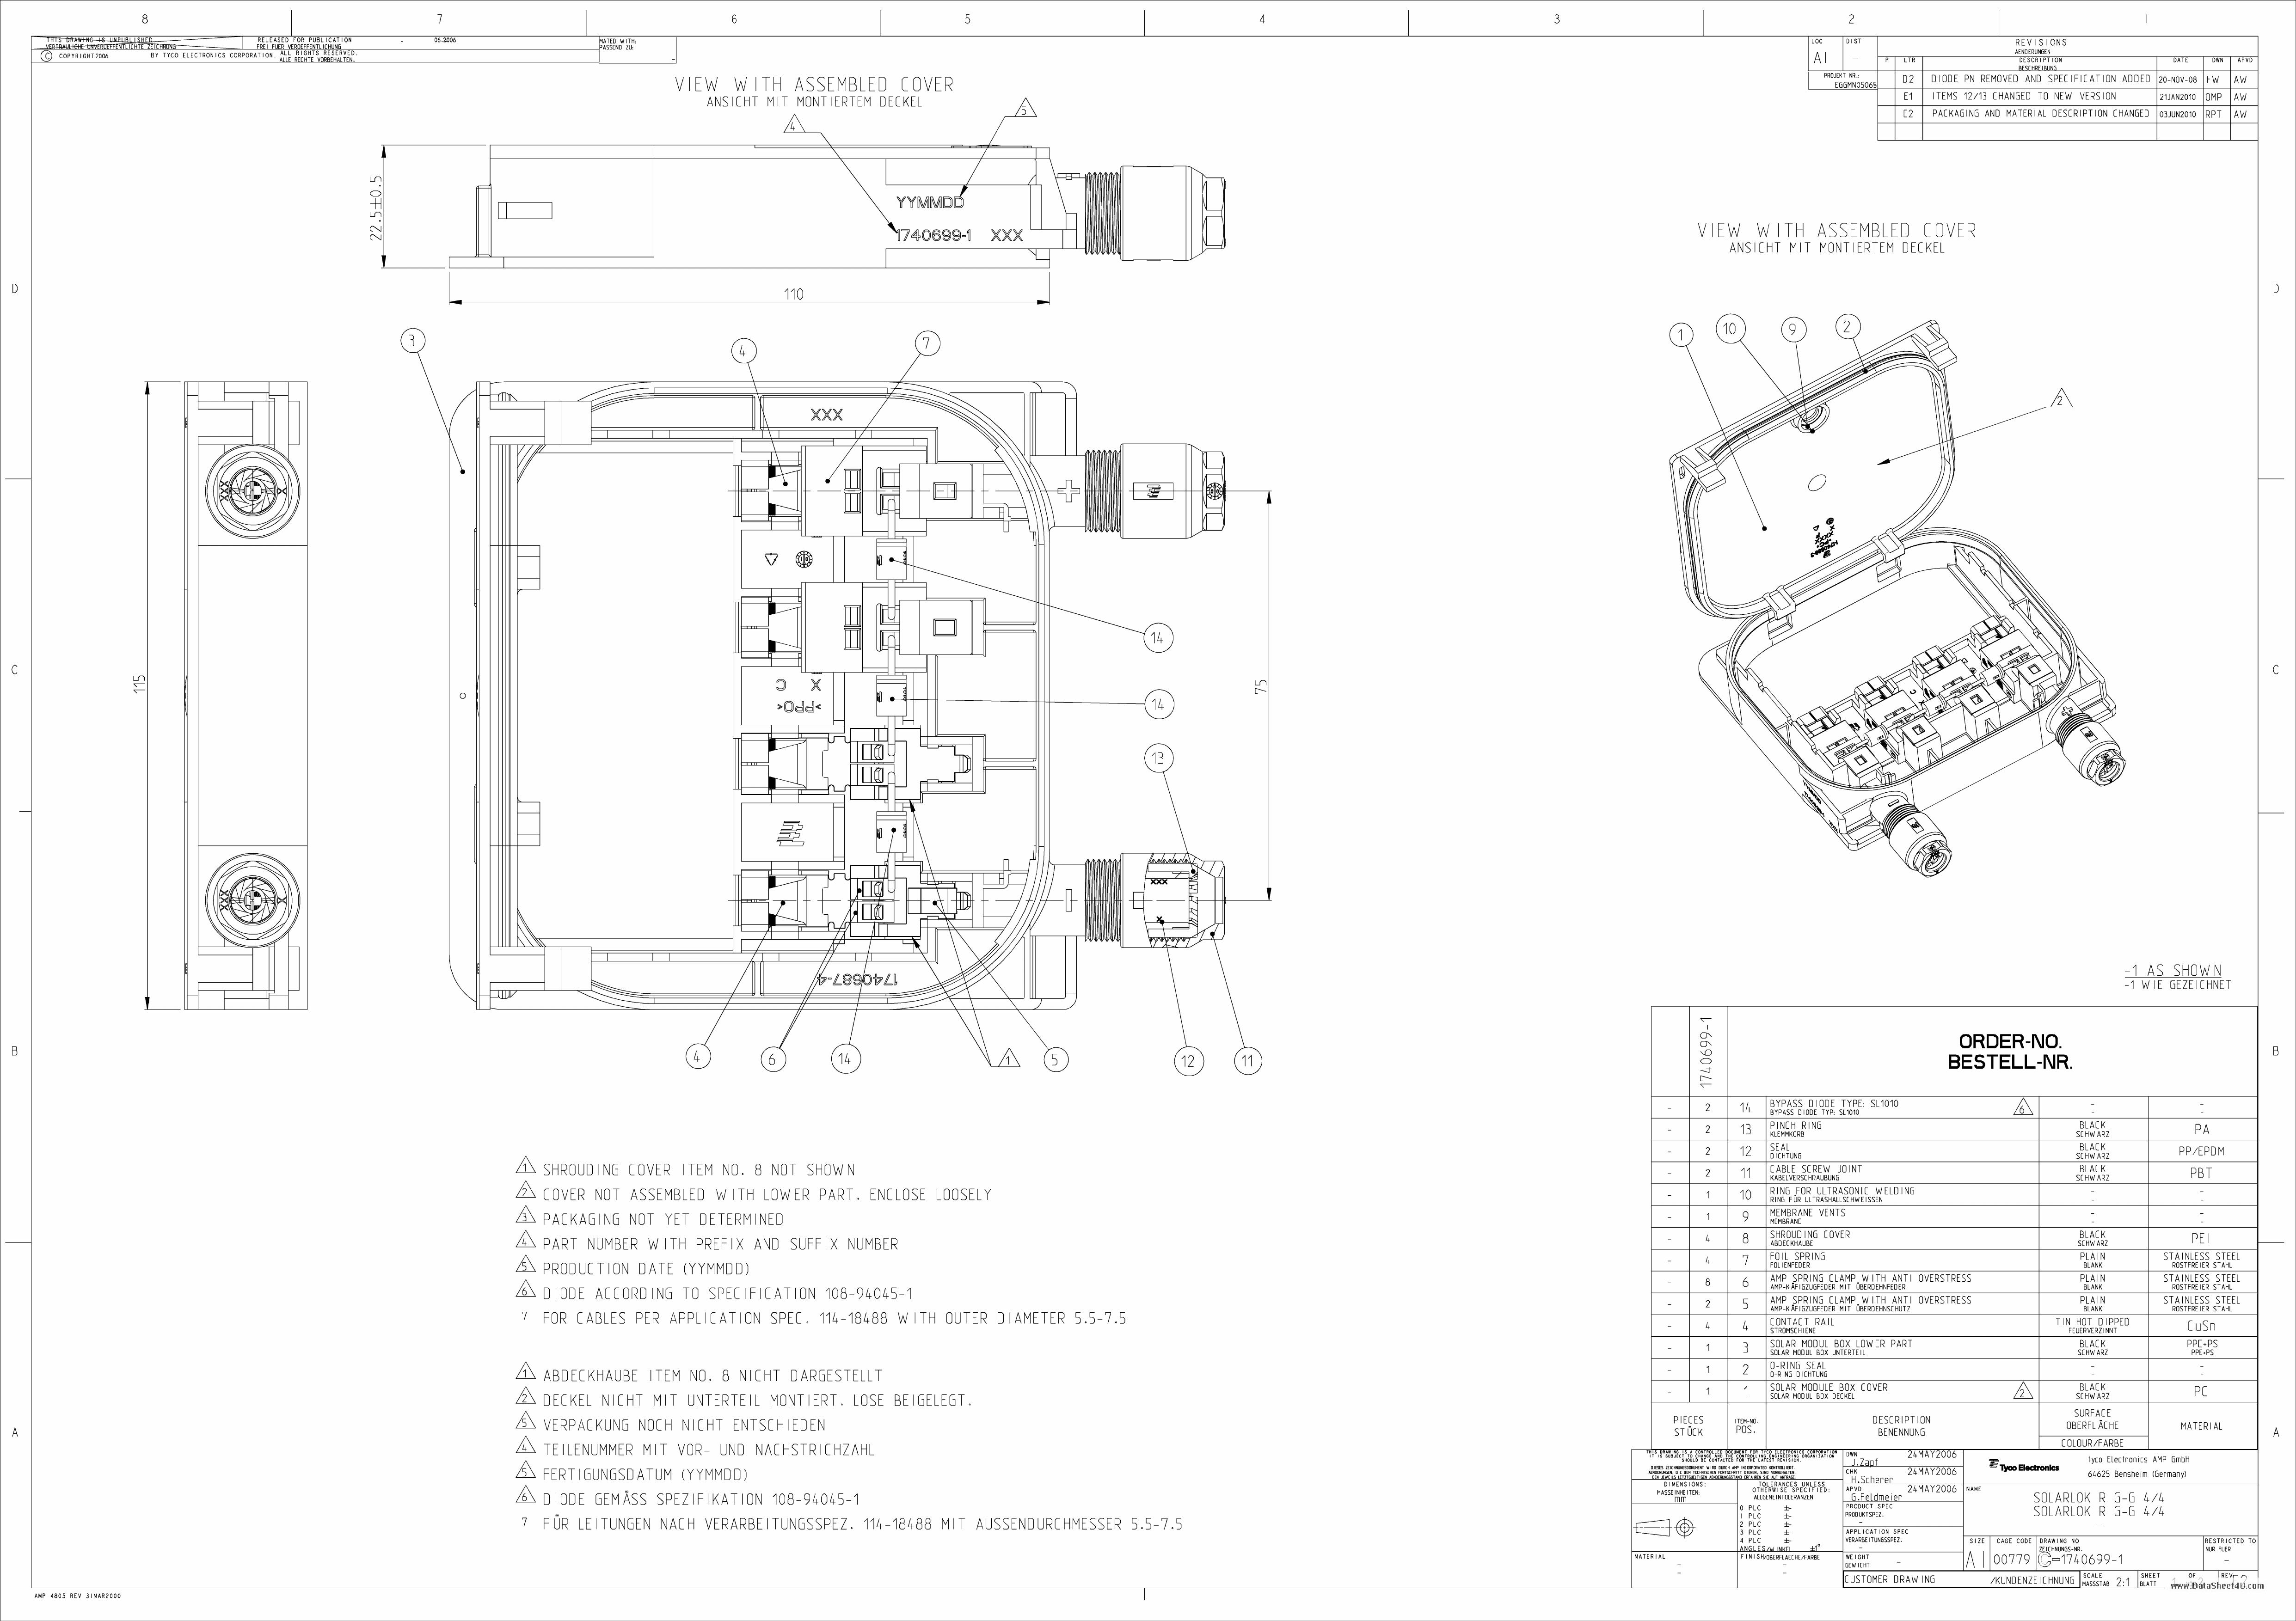 C-1740699-1 datasheet